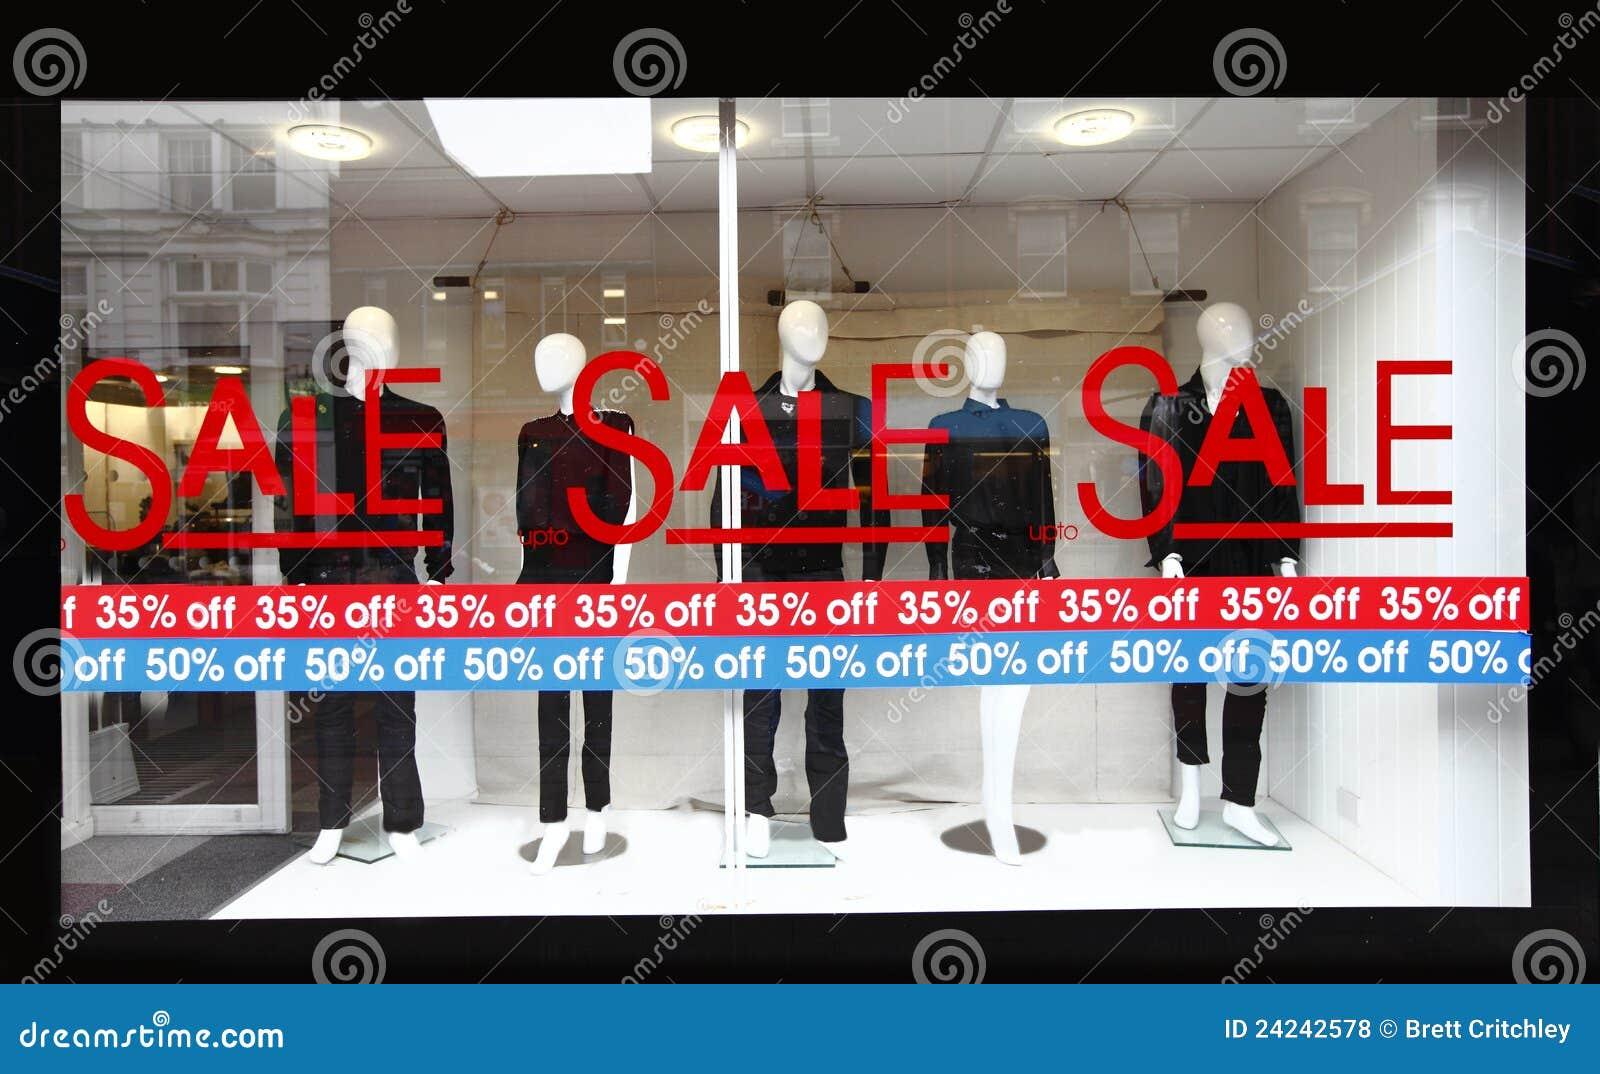 Retail shop window sale sign